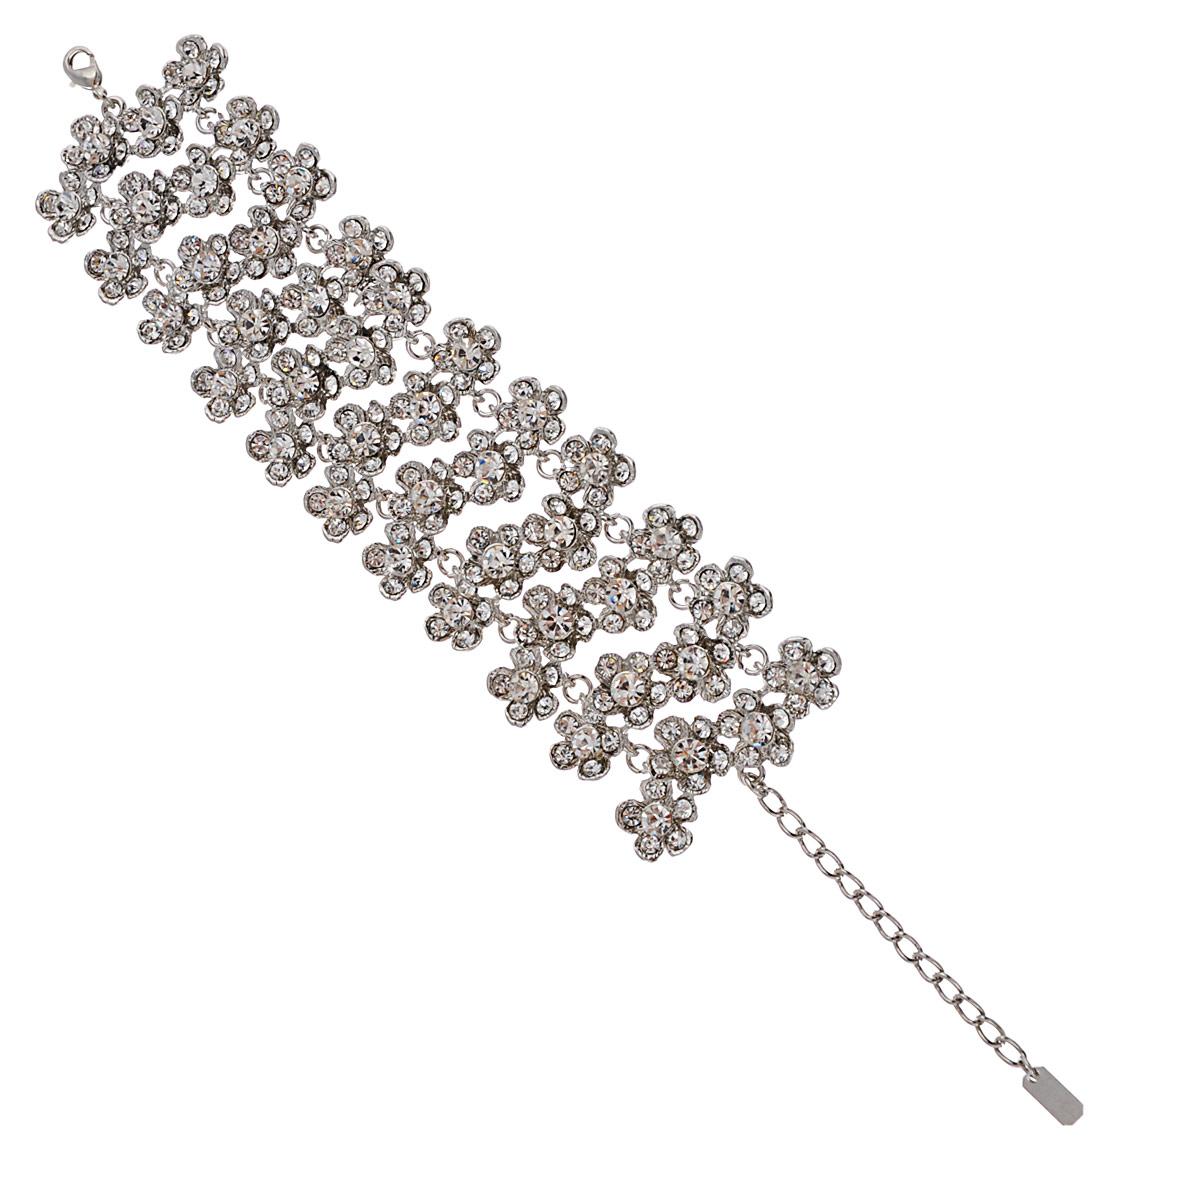 Браслет Avgad, цвет: серебристый. BR77KL115BR77KL115Изысканный браслет Avgad изготовлен из ювелирного сплава и оформлен декоративными элементами в виде цветов, дополненных в центре австрийскими кристаллами. Застегивается изделие на замок-карабин. Длина регулируется за счет цепочки. Это оригинальное украшение внесет изюминку в ваш модный образ и позволит выделиться среди окружающих.